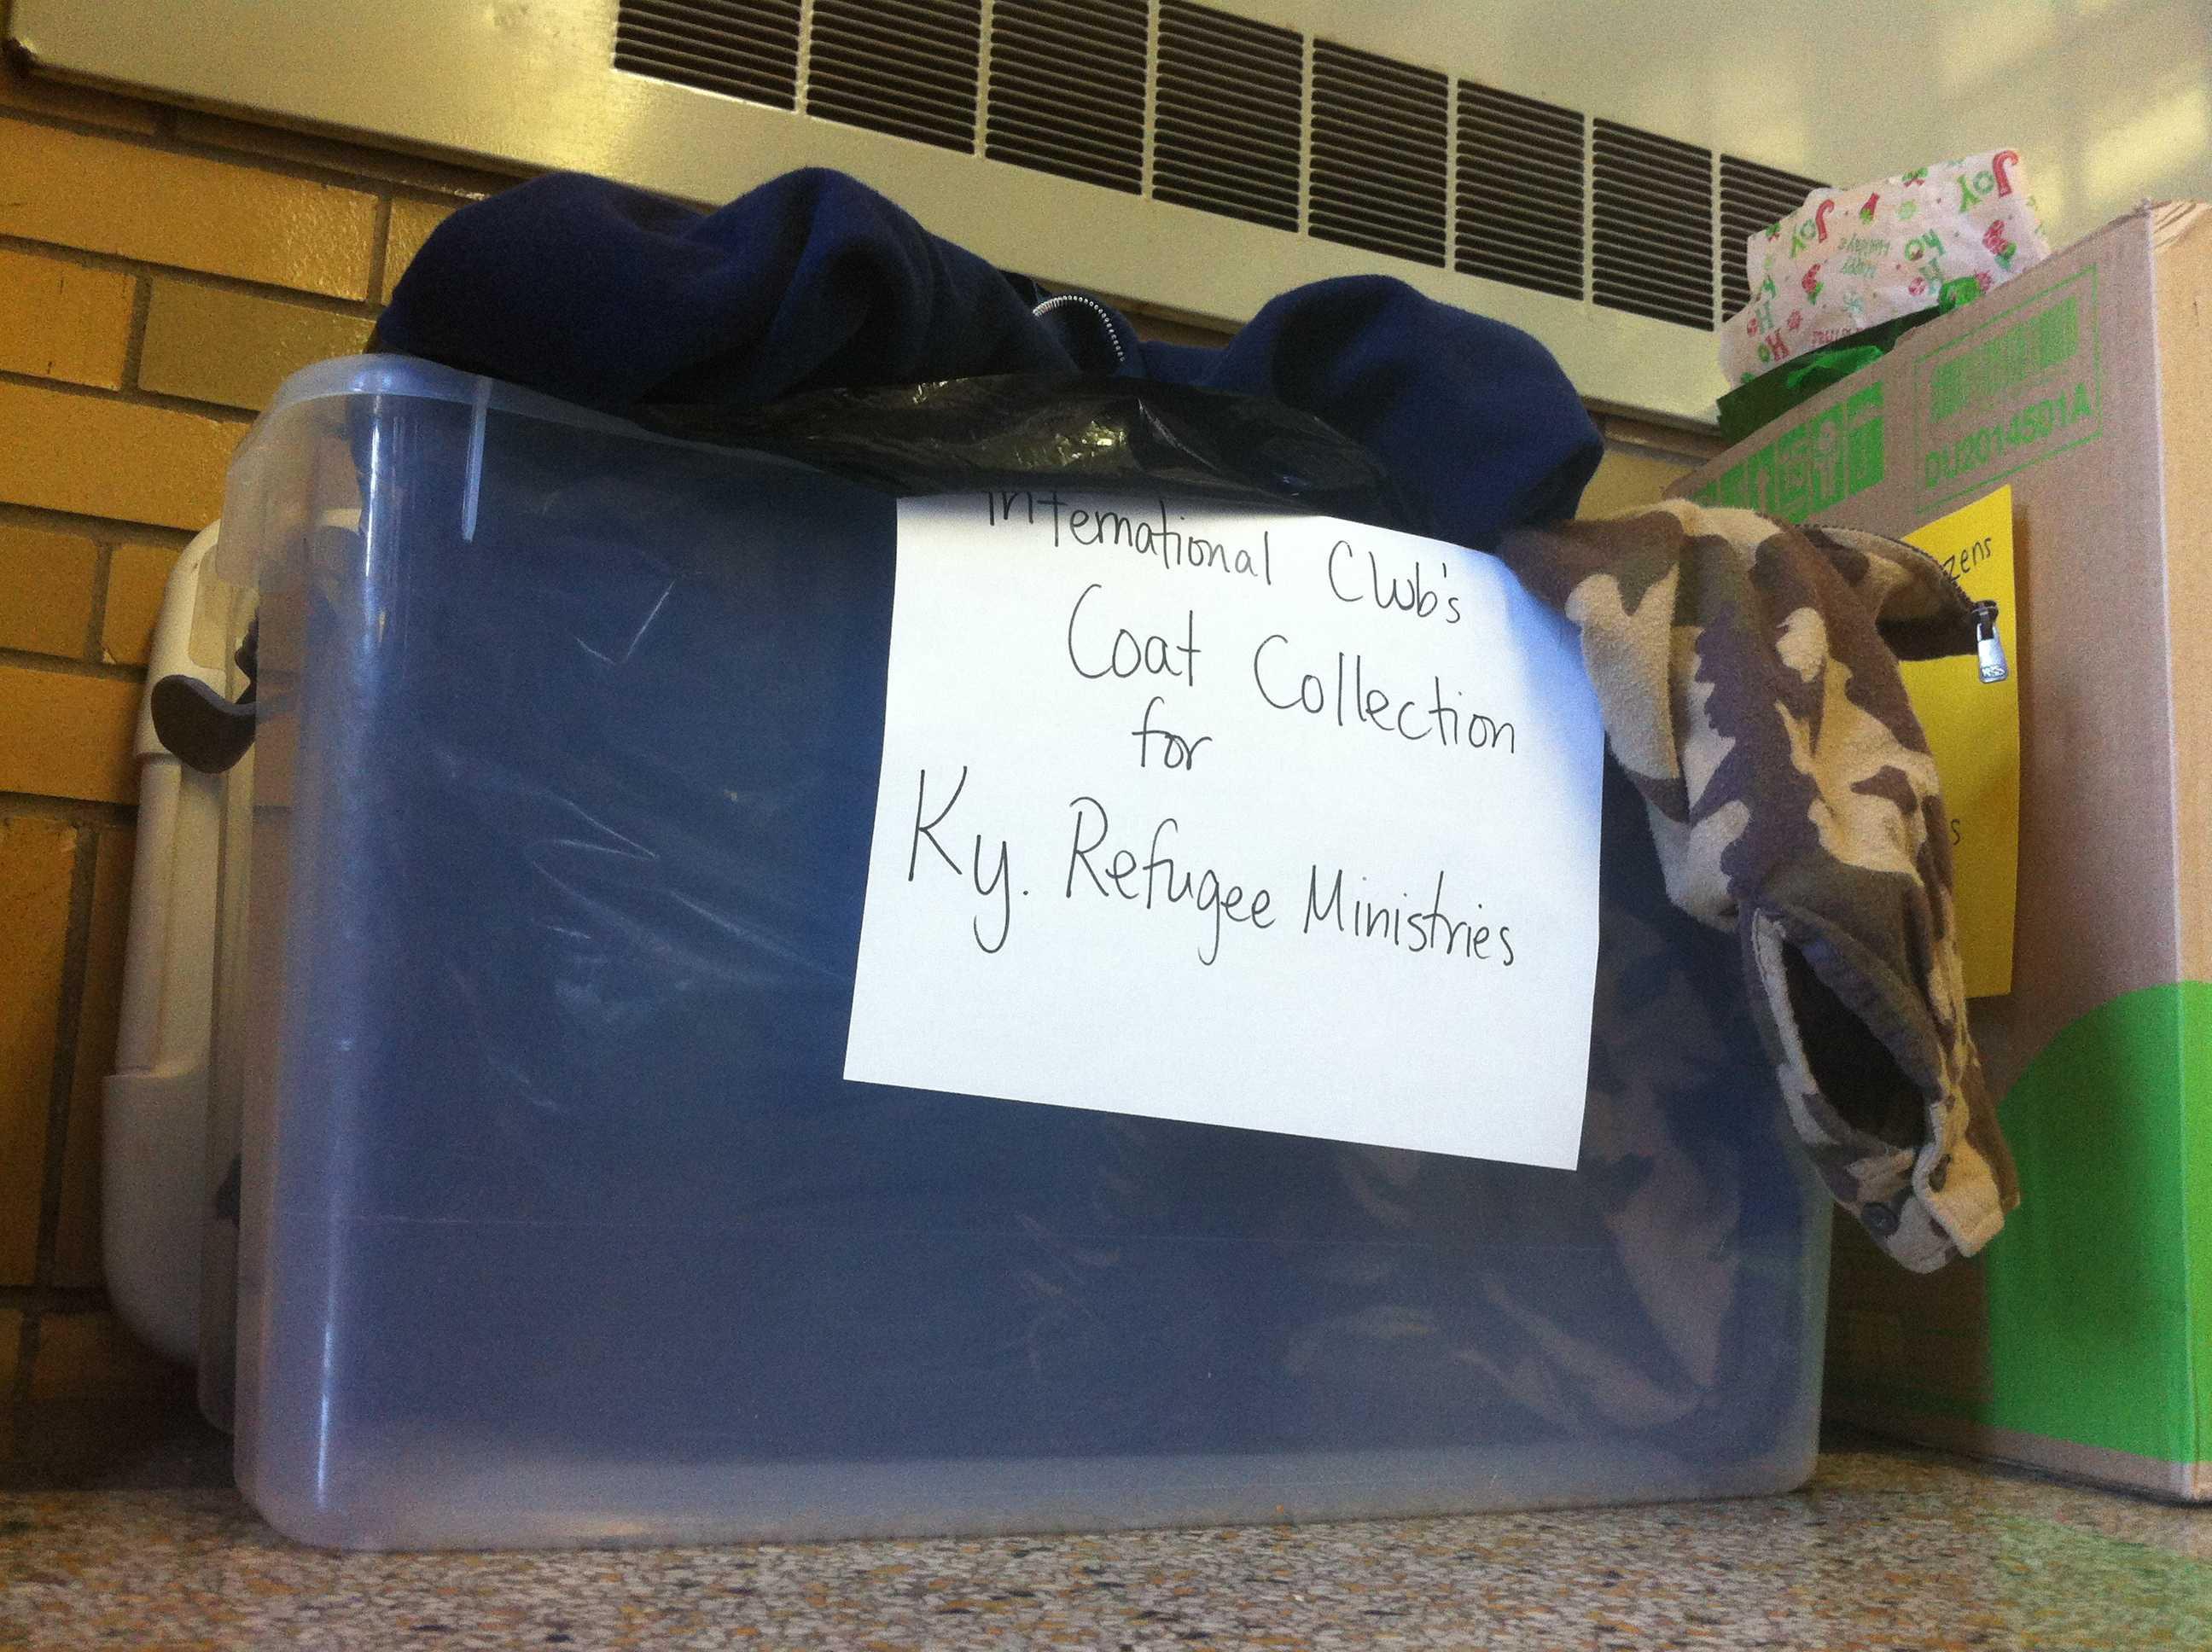 International Club holding coat drive